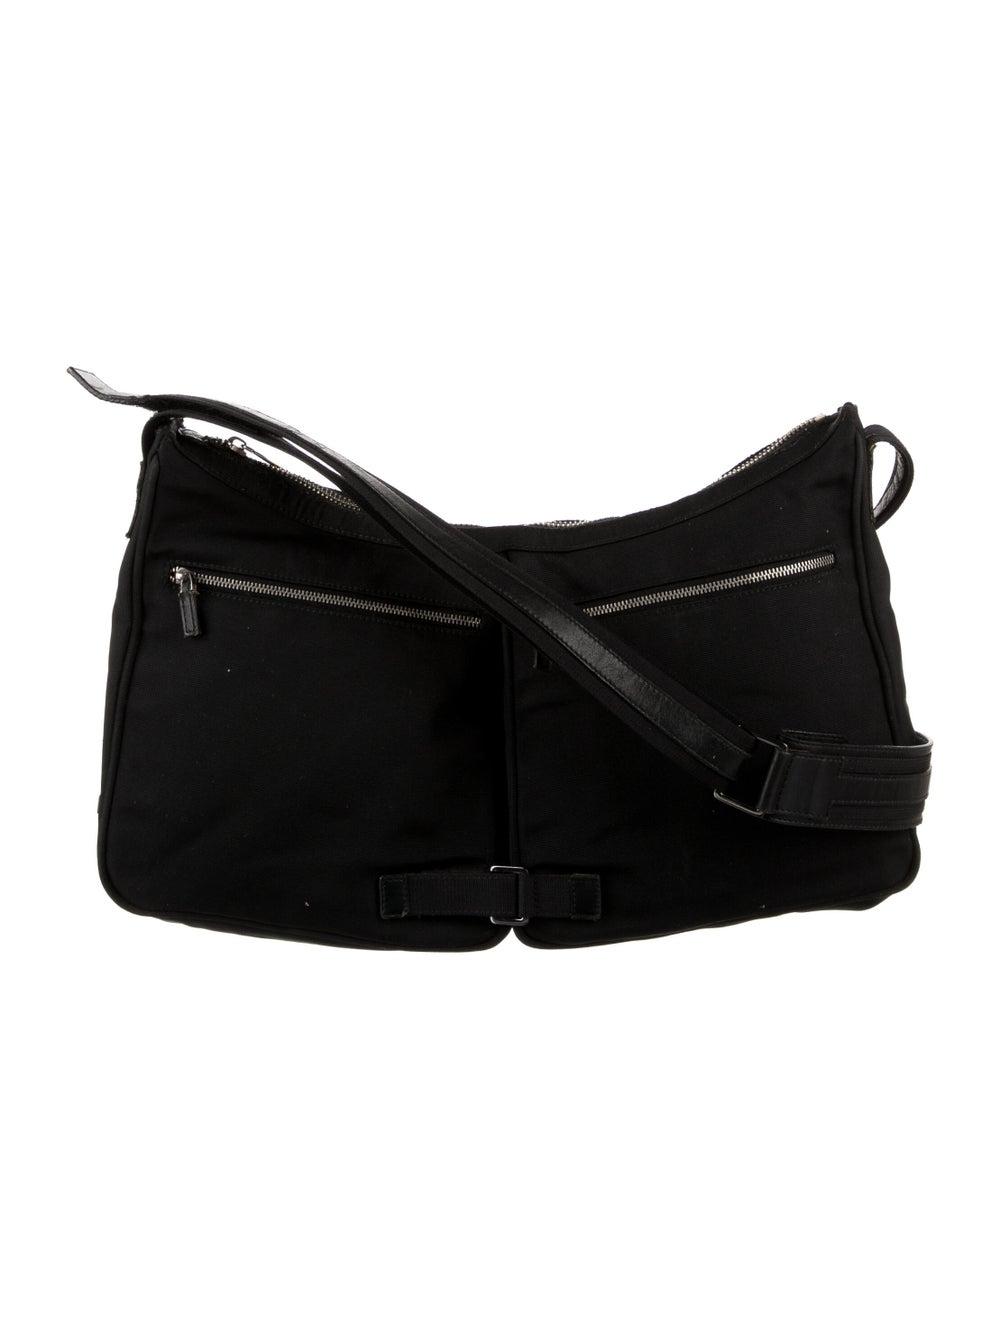 Gucci Nylon Shoulder Bag Black - image 1